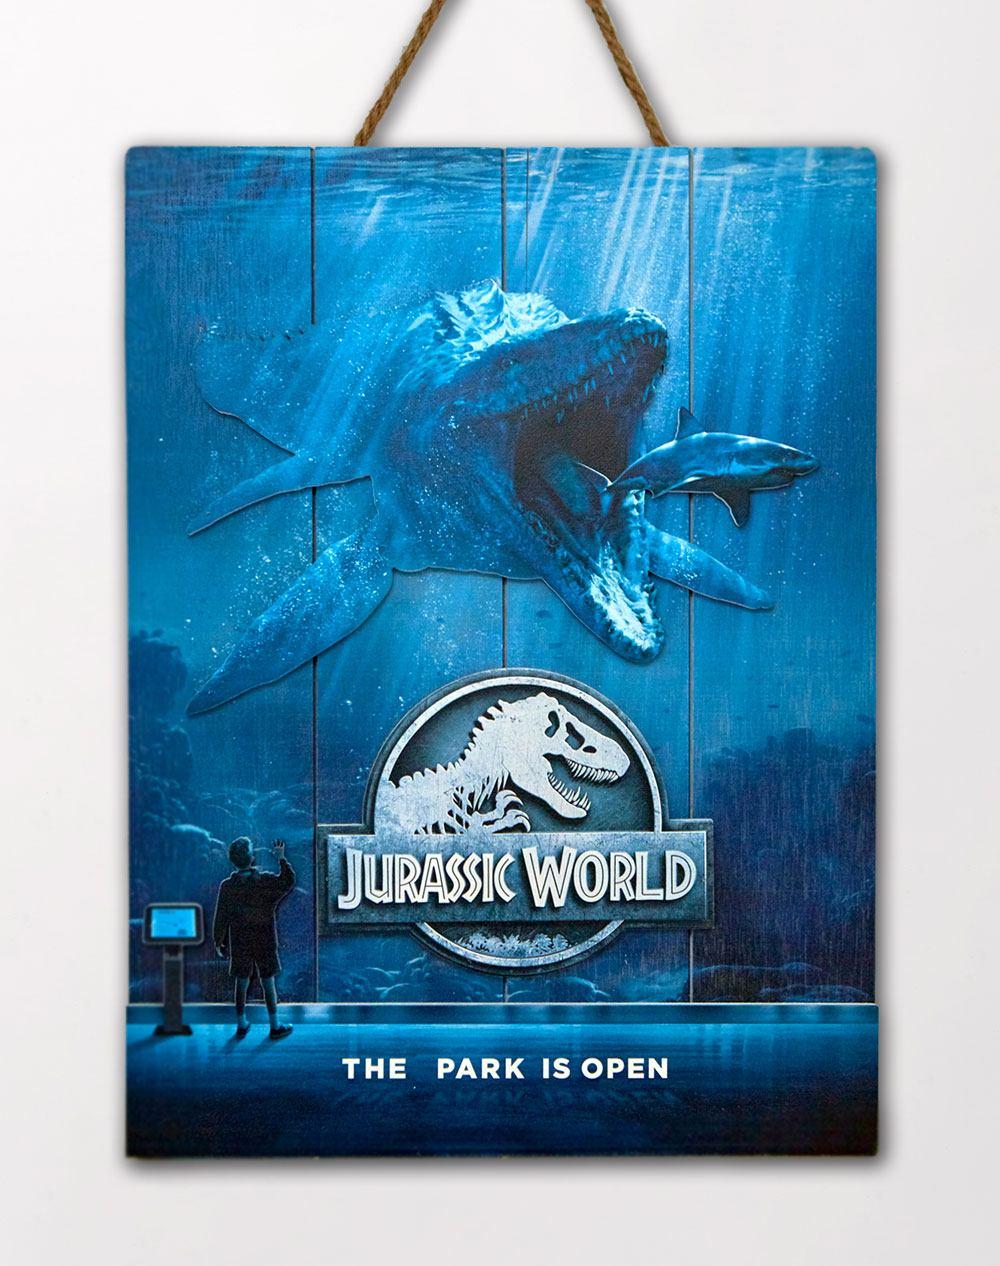 Jurassic World WoodArts 3D Wooden Wall Art Mossasaurus 30 x 40 cm